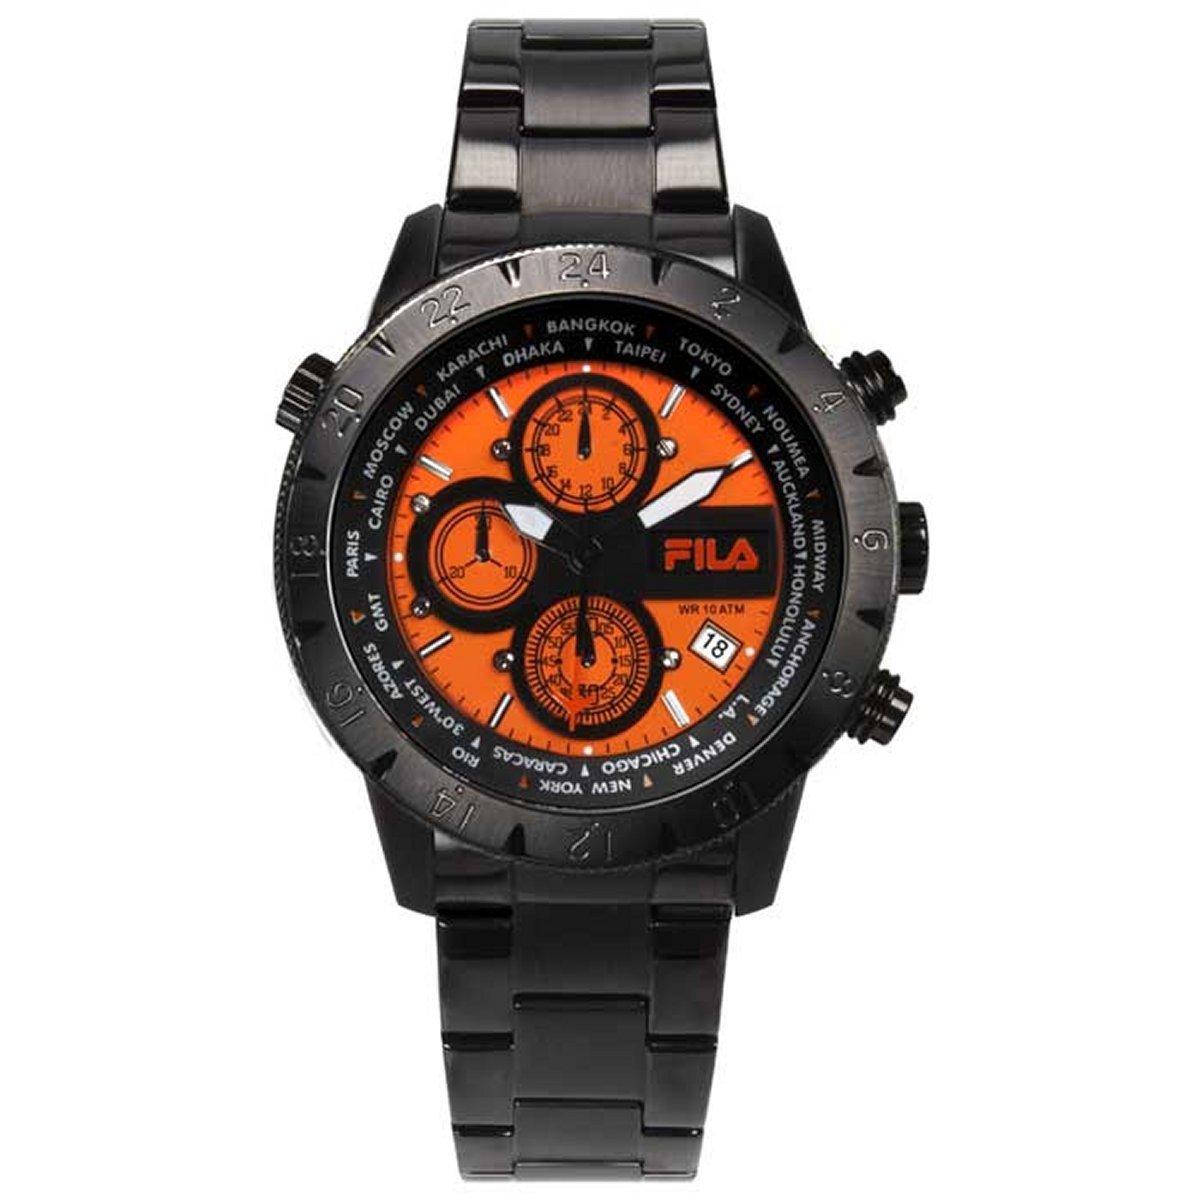 Fila Herren Uhr Chronograph Edelstahl FA38-007-005